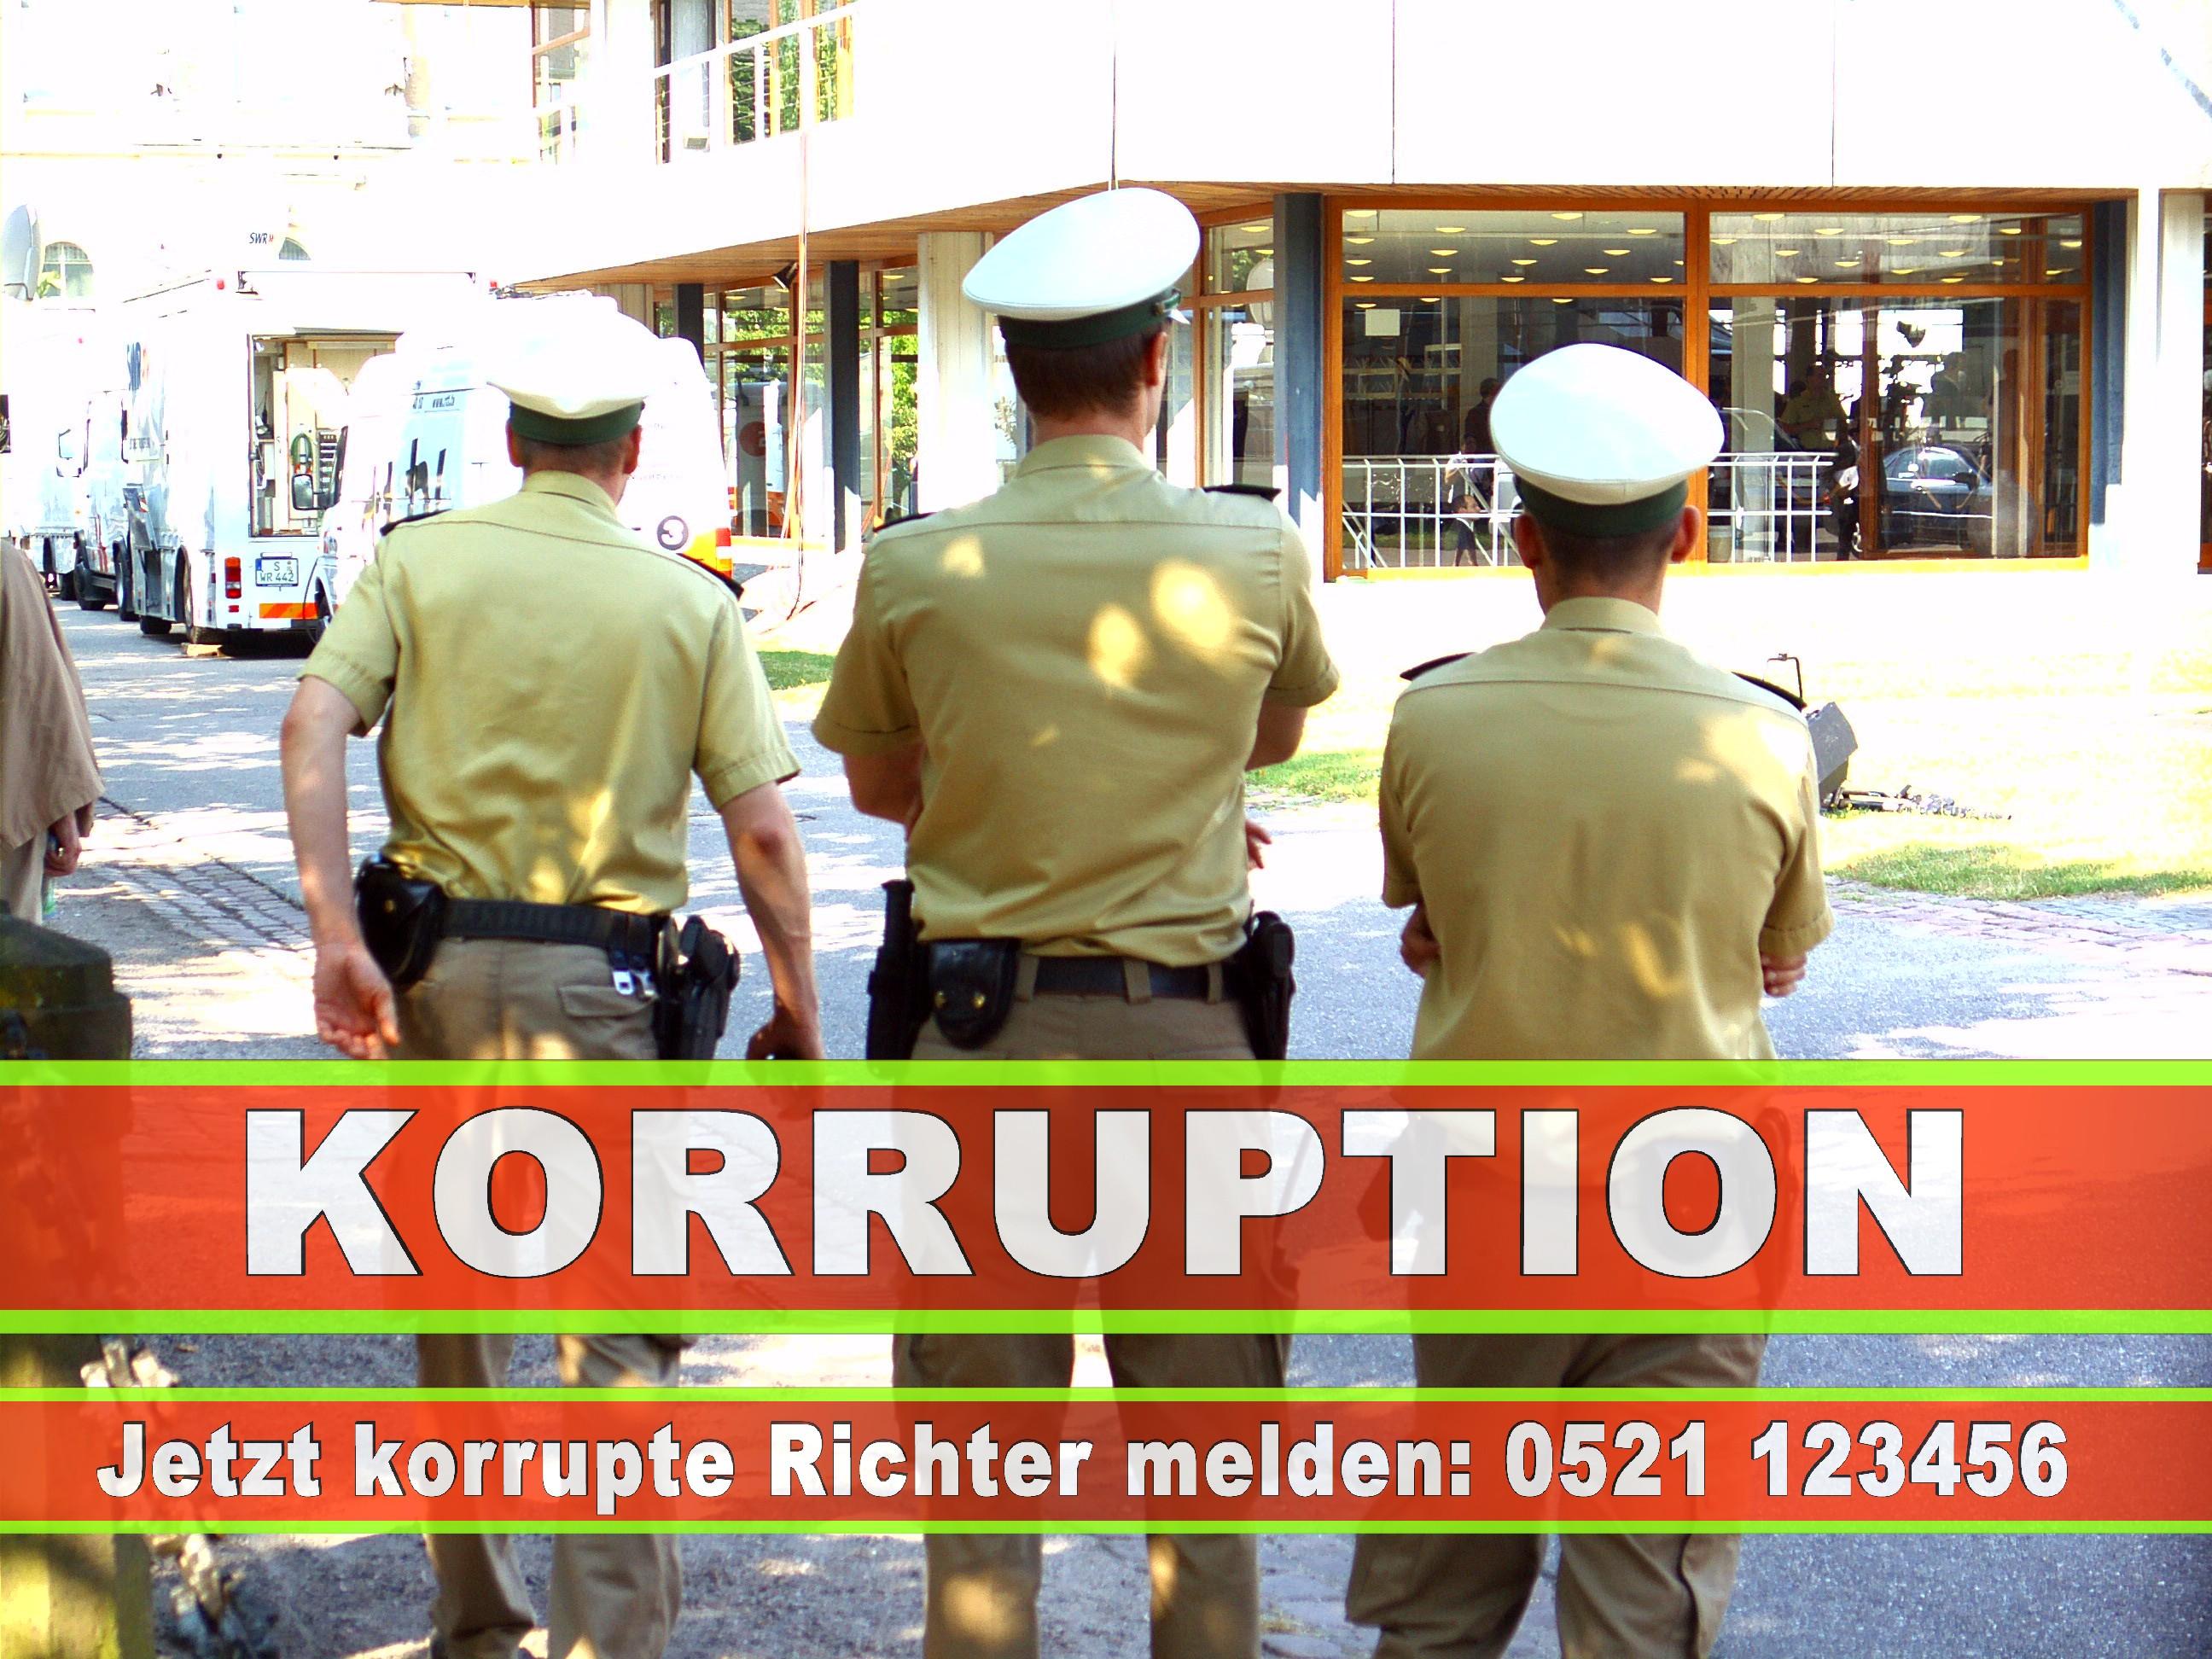 Bundesverfassungsgericht Karlsruhe Richter Korruption Aufgaben Urteile Termine Anfahrt Bilder Fotos Adresse Telefon 5